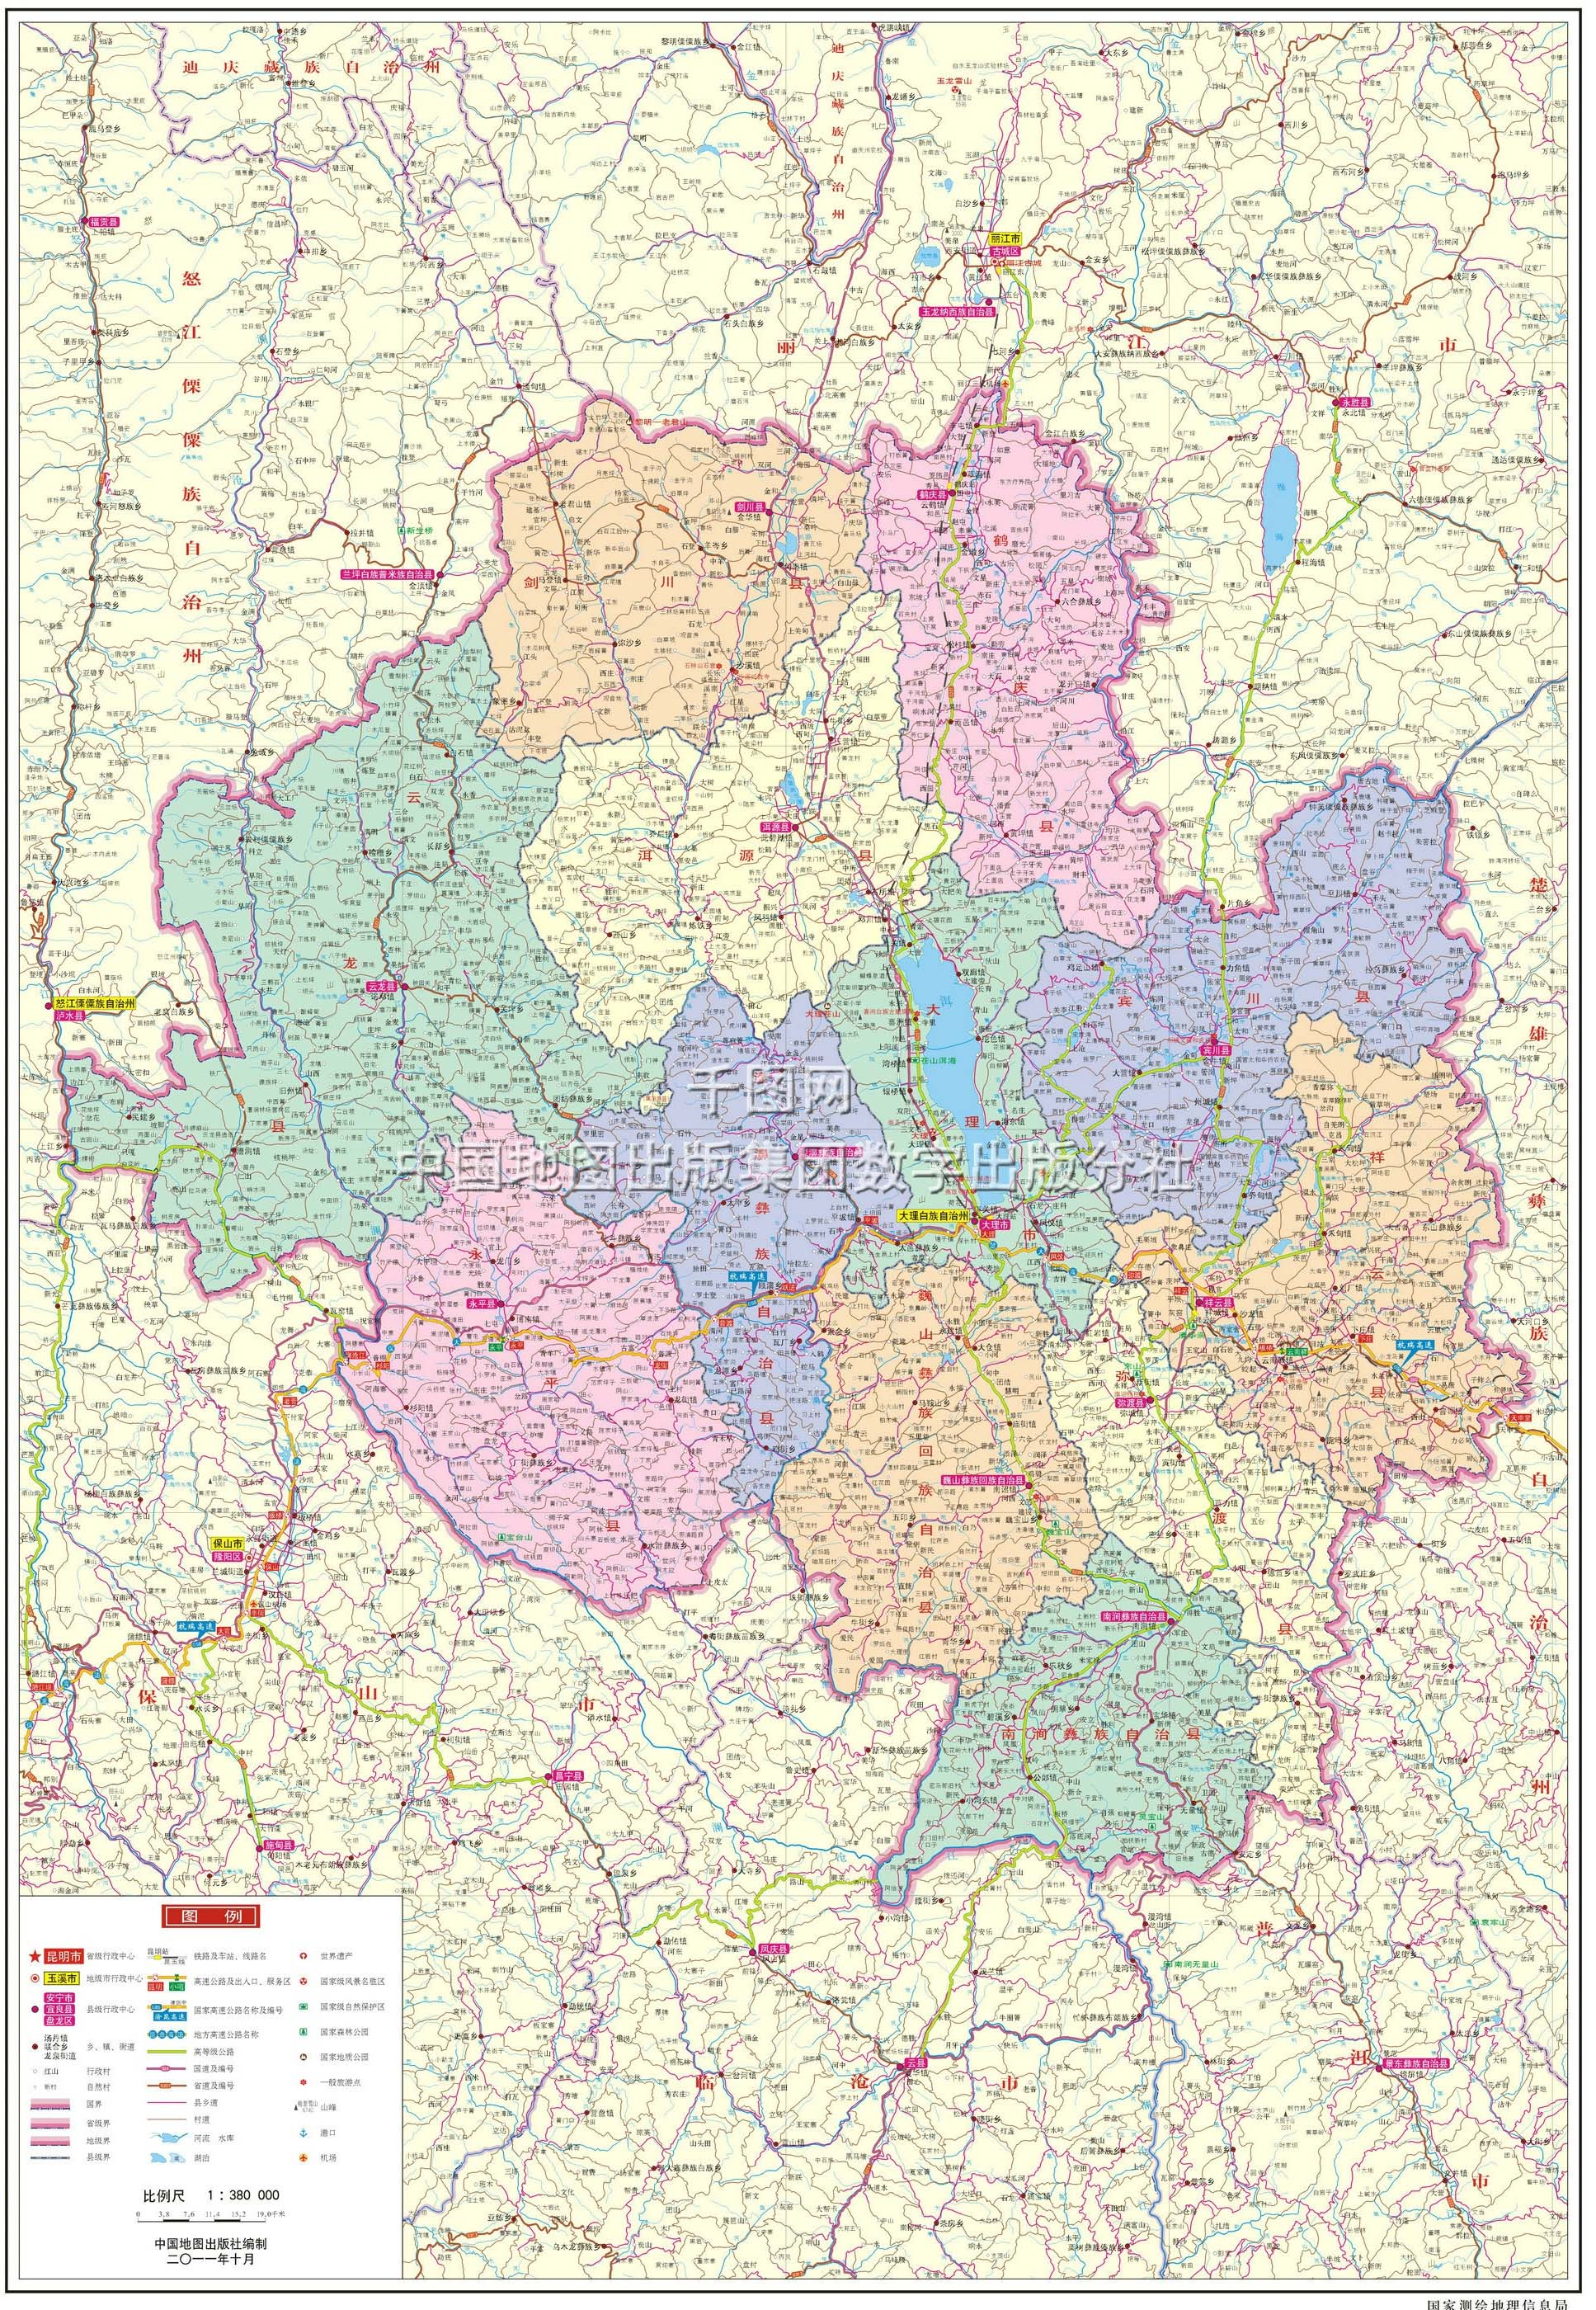 大理白族自治州地图高清版